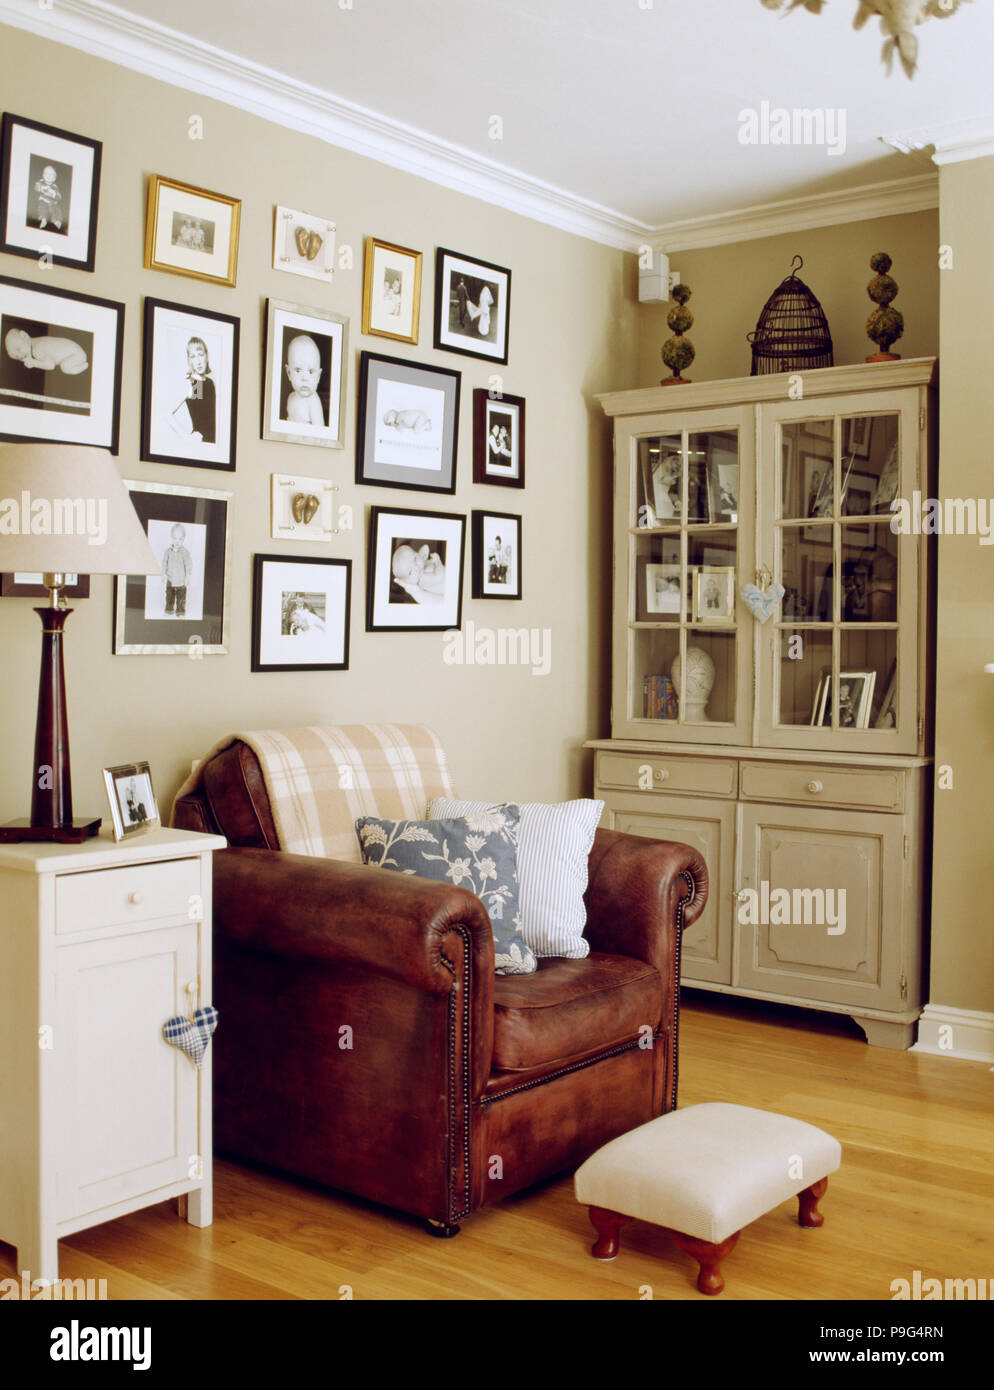 Gerahmt Schwarz Weiß Fotografien Auf Wand über Braune Ledersessel In Beige  Wohnzimmer Mit Gemalten Kommode